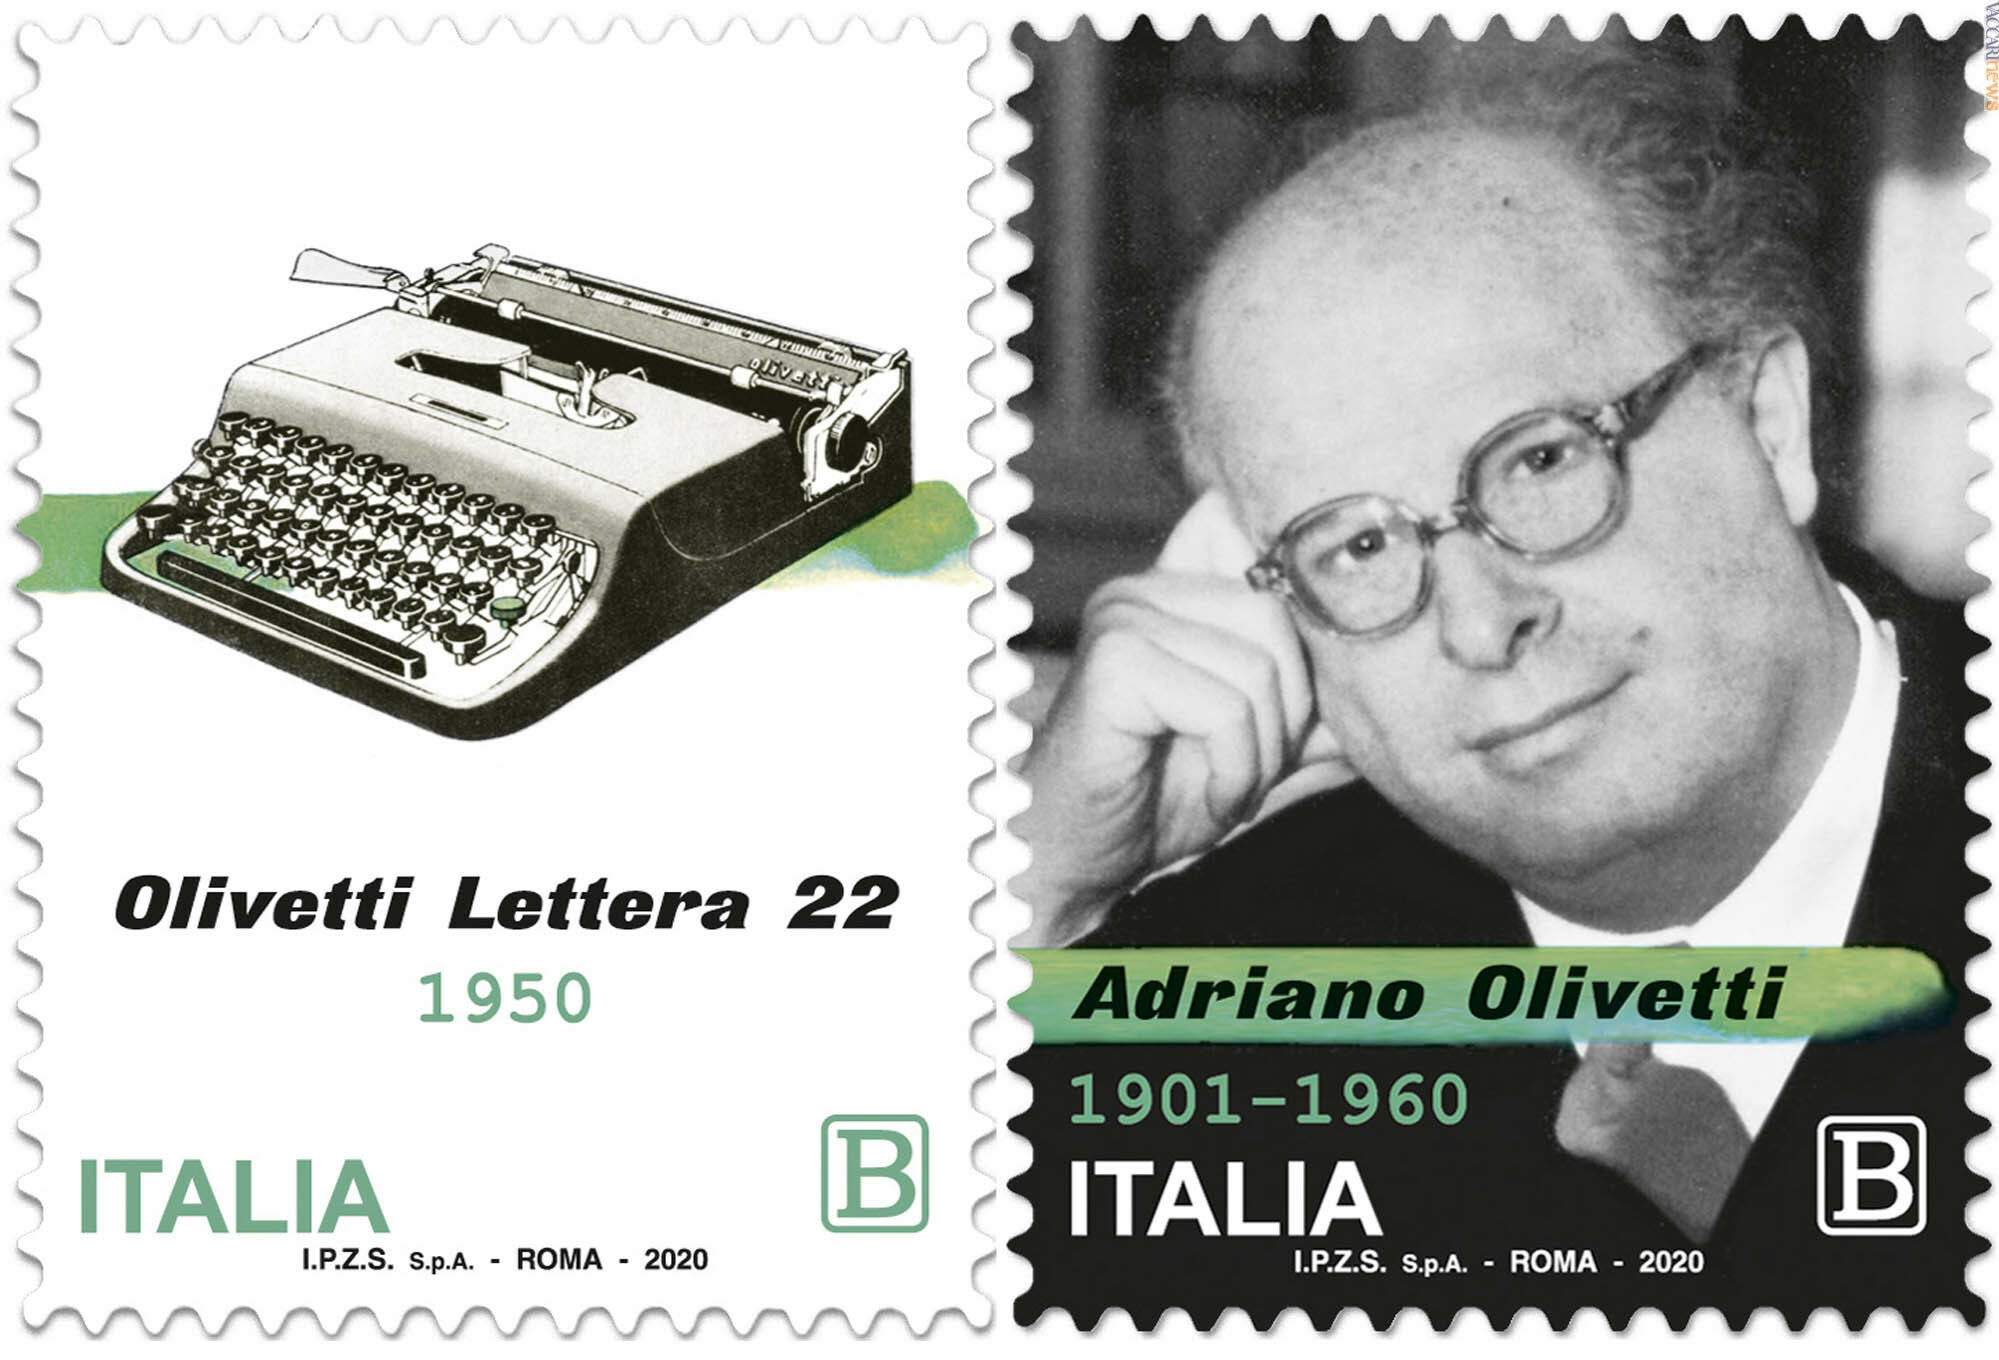 francobollo Adriano Olivetti Lettera 22